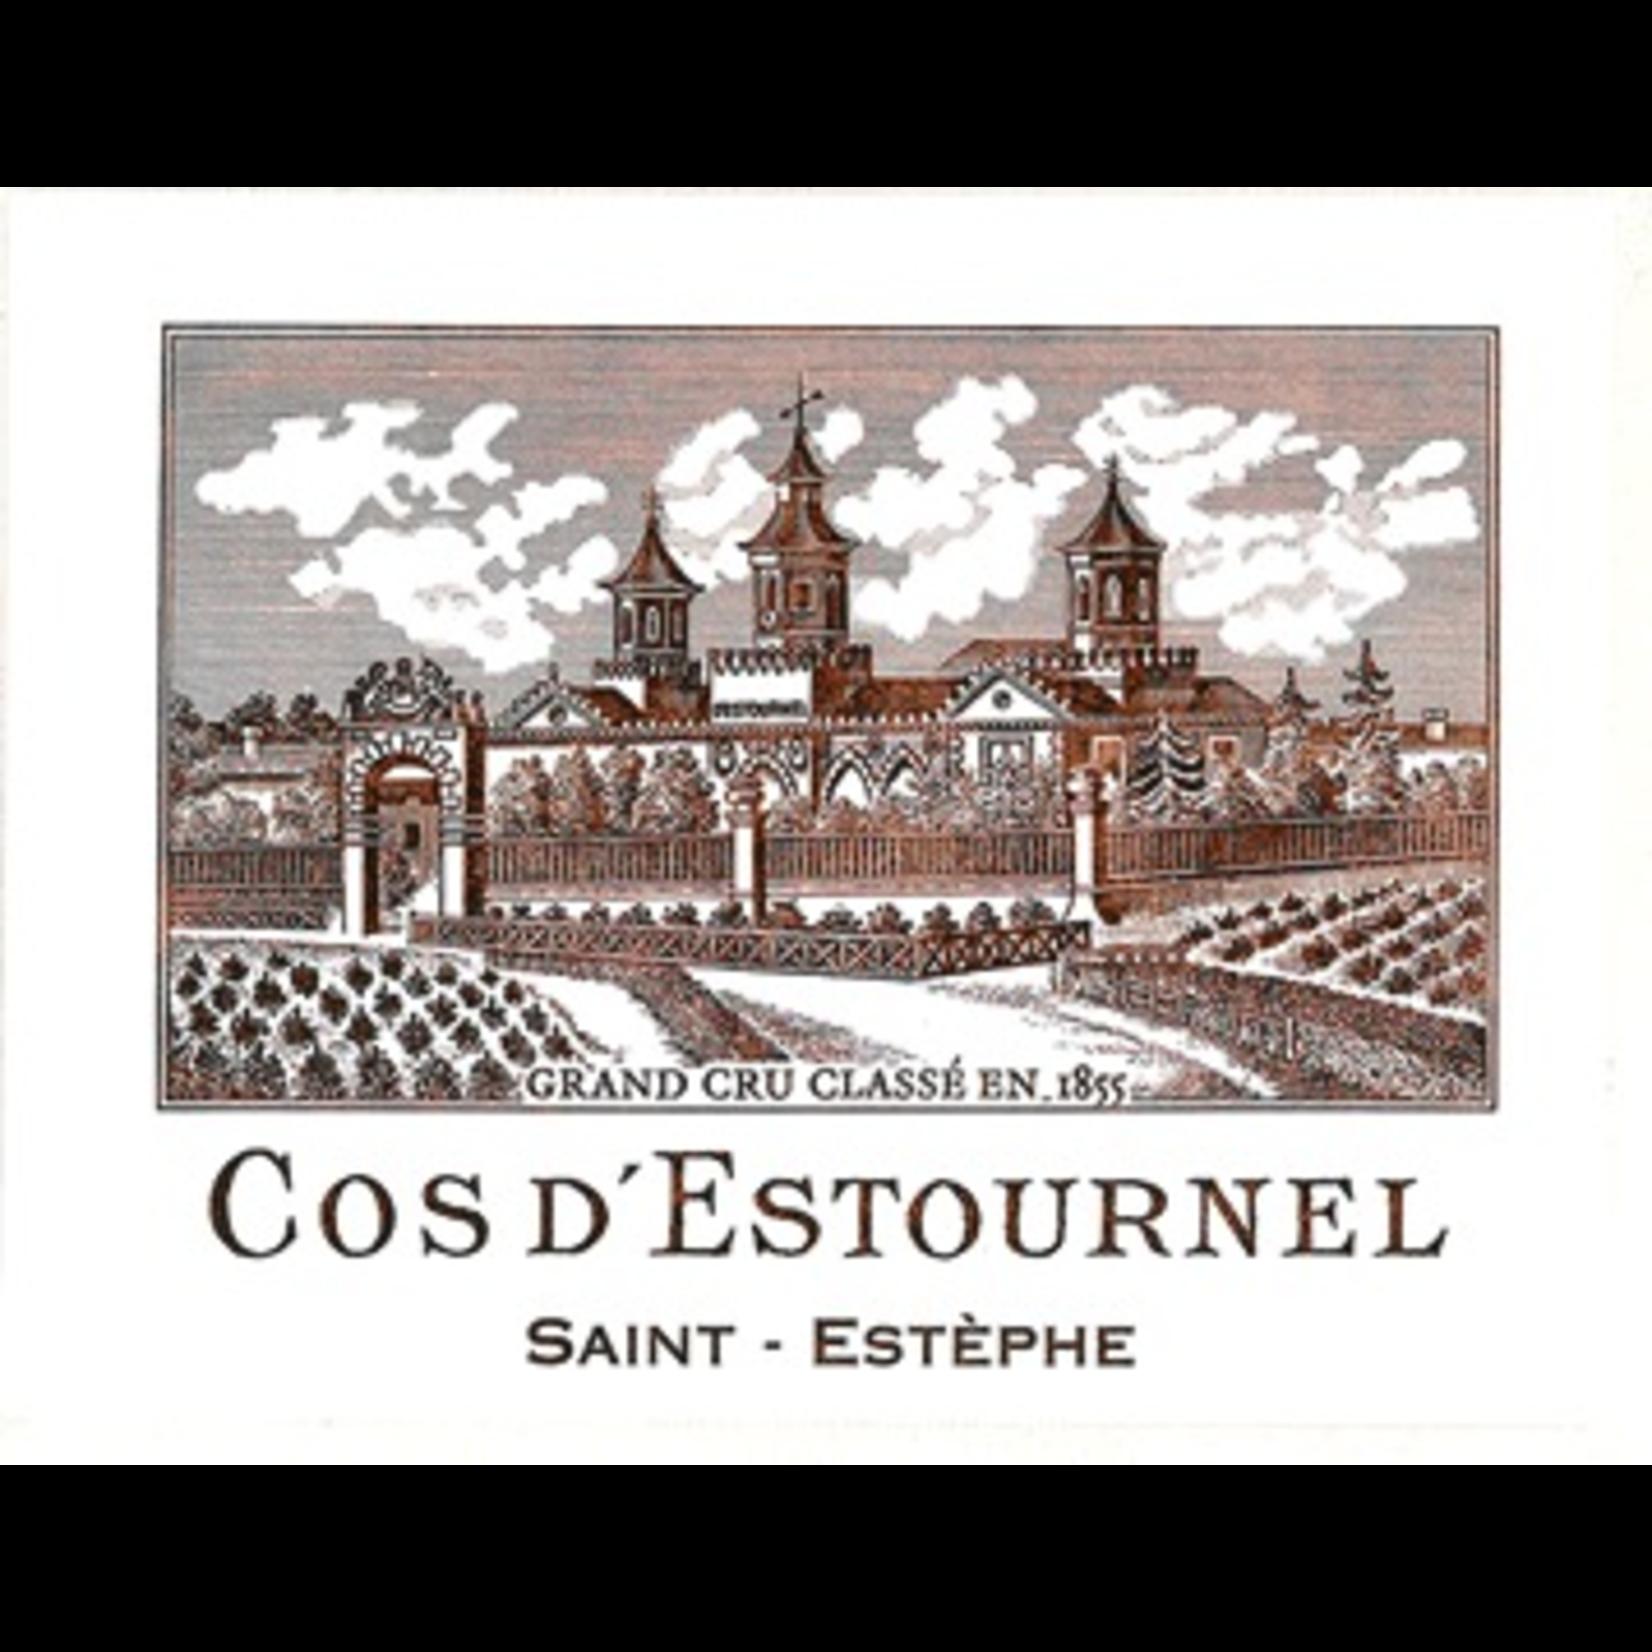 Wine Cos d'Estournel 2005